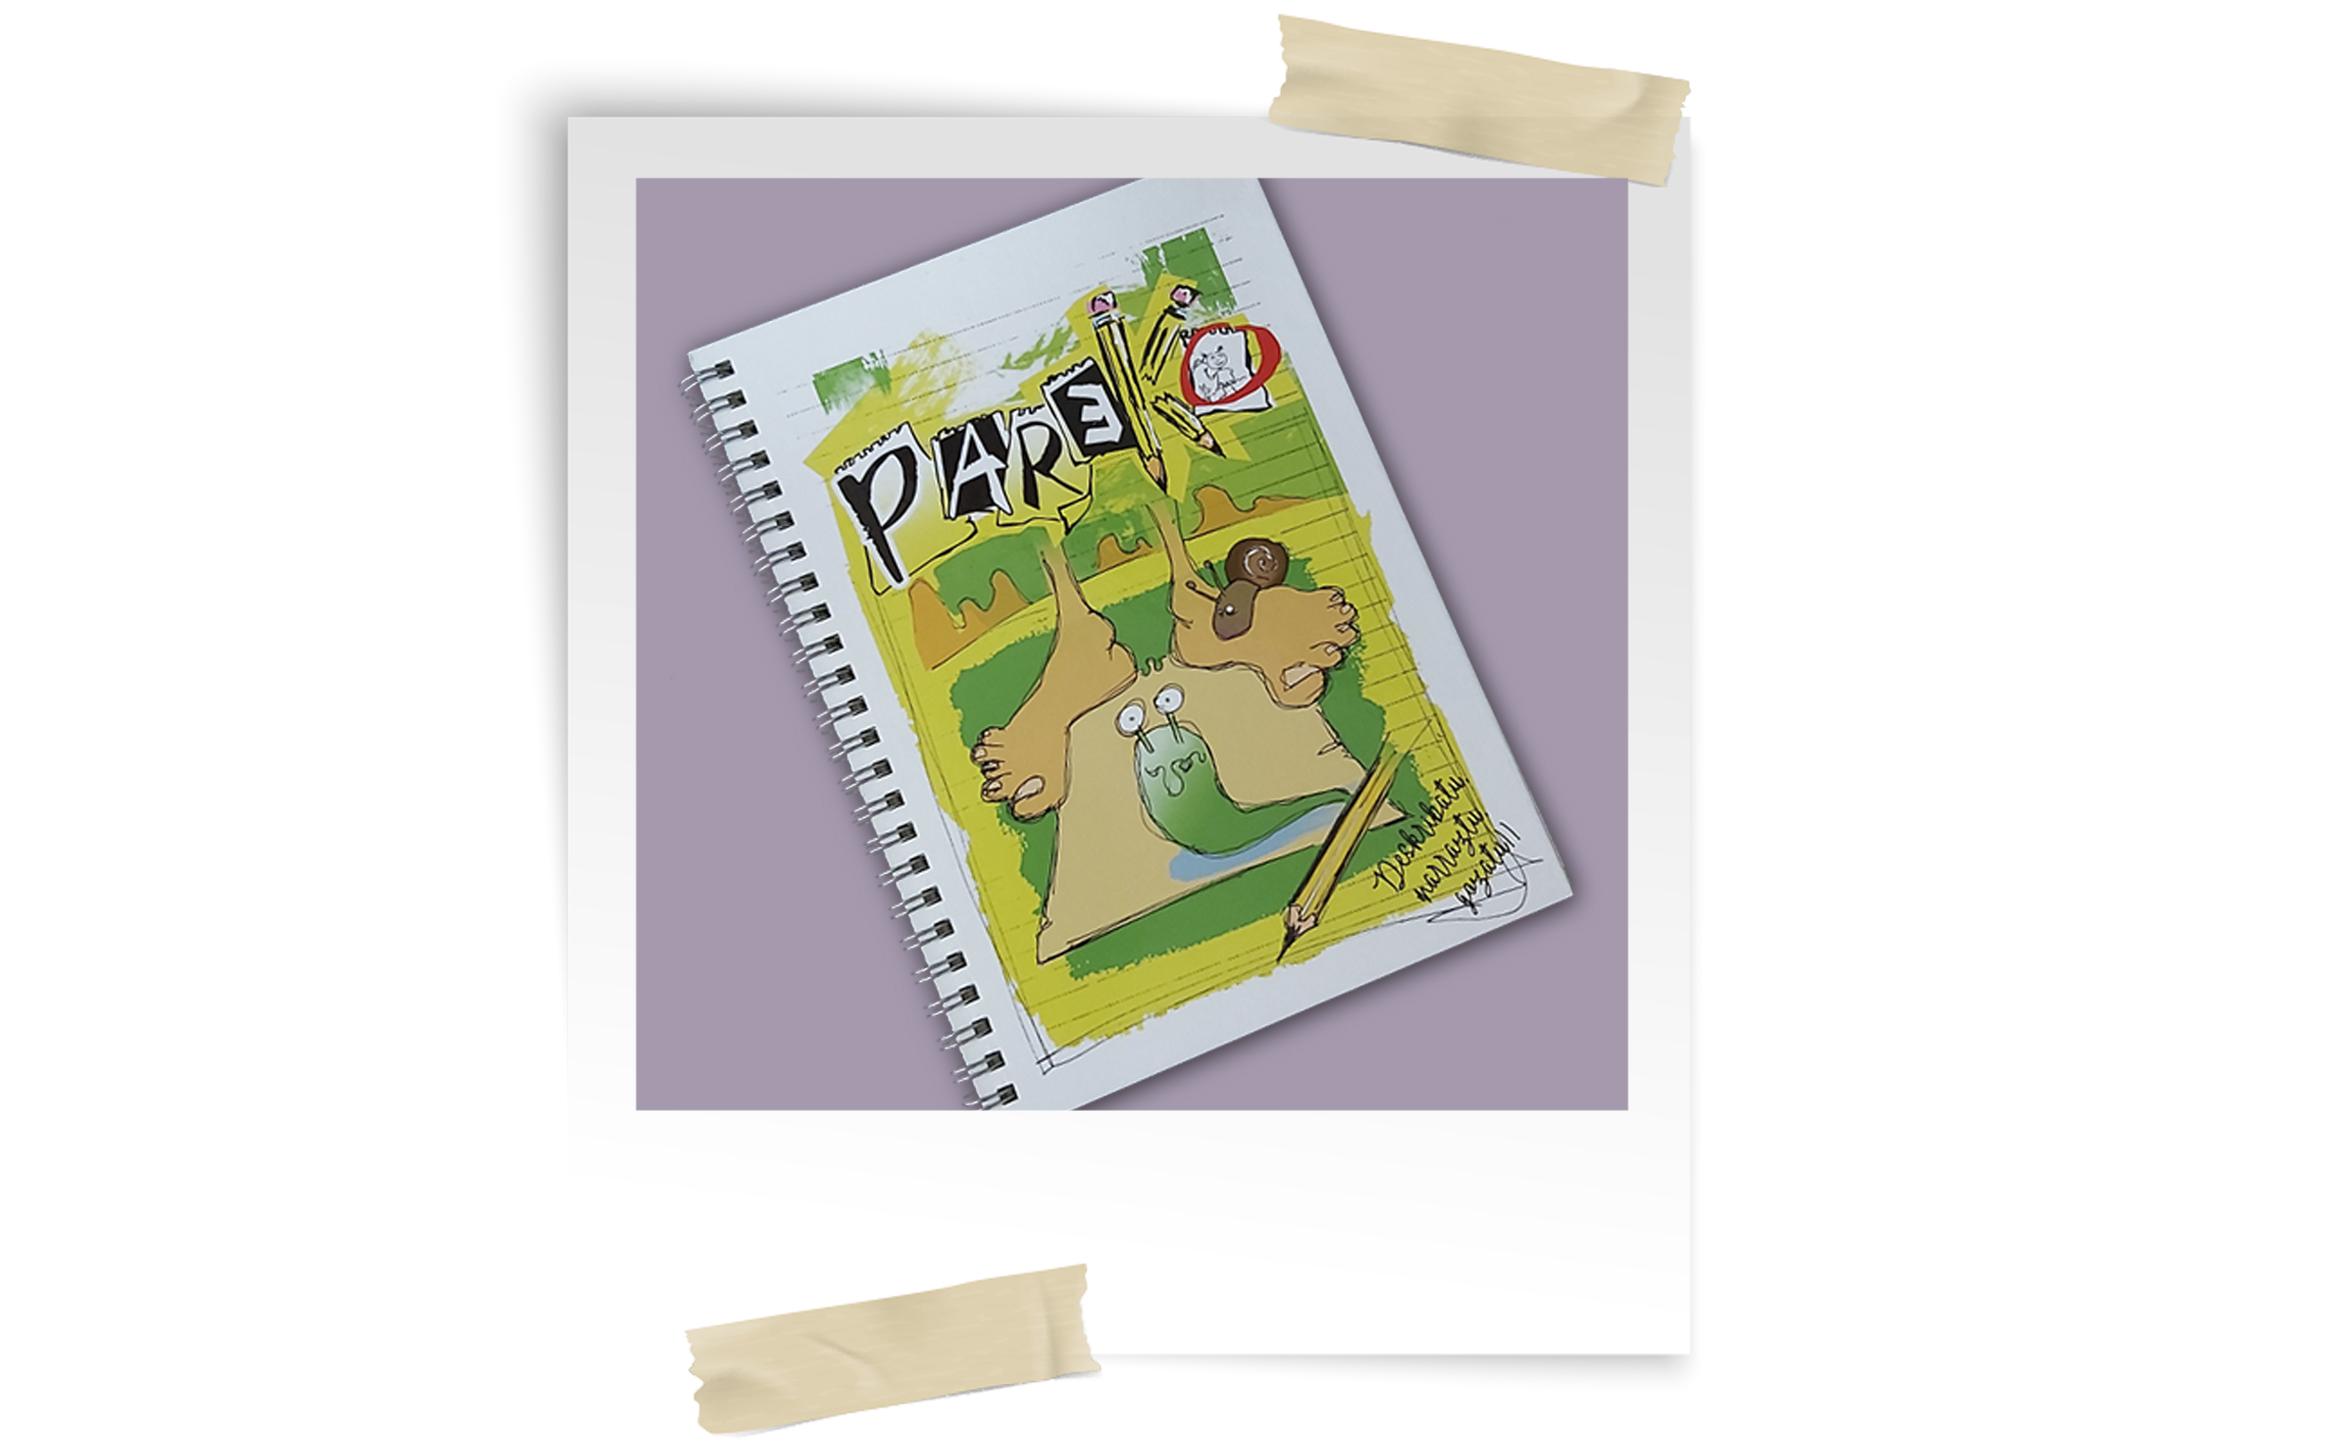 Pareko